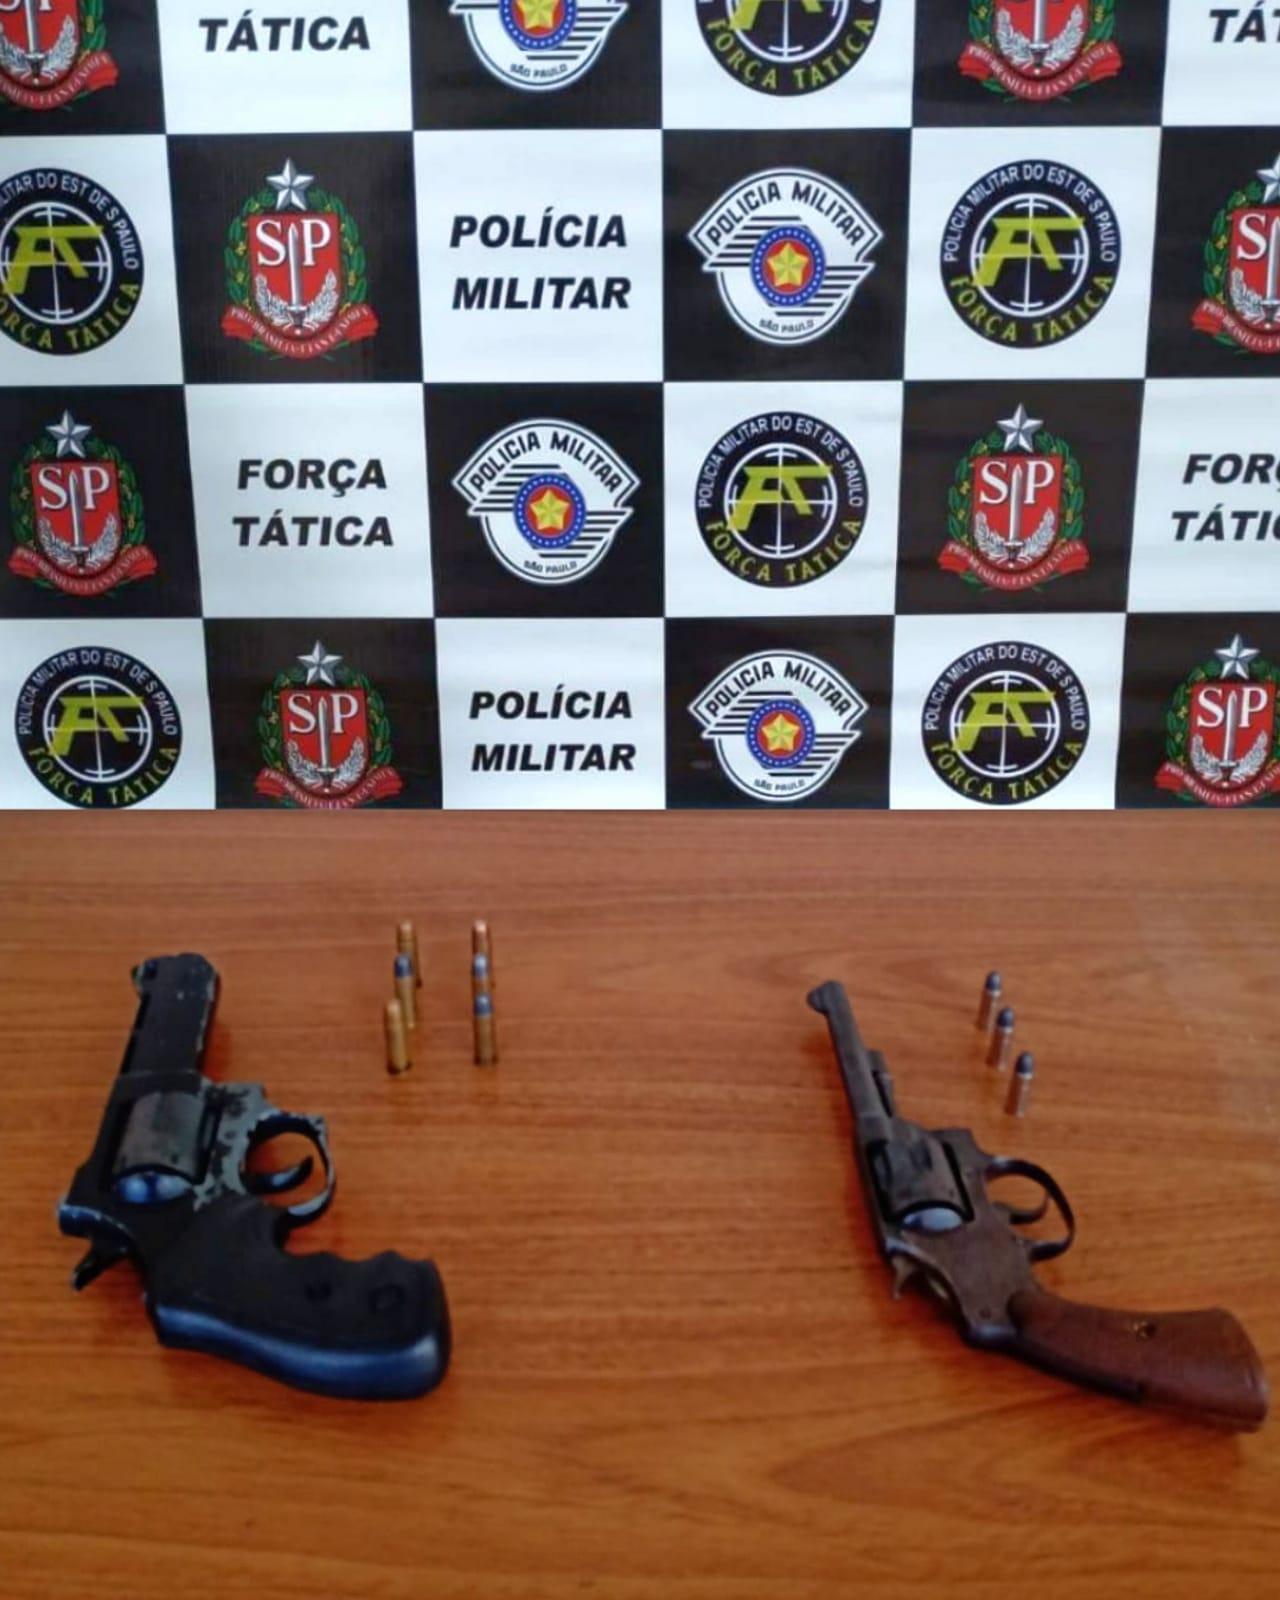 Armas apreendidas em Araçatuba - Divulgação/ Polícia Militar